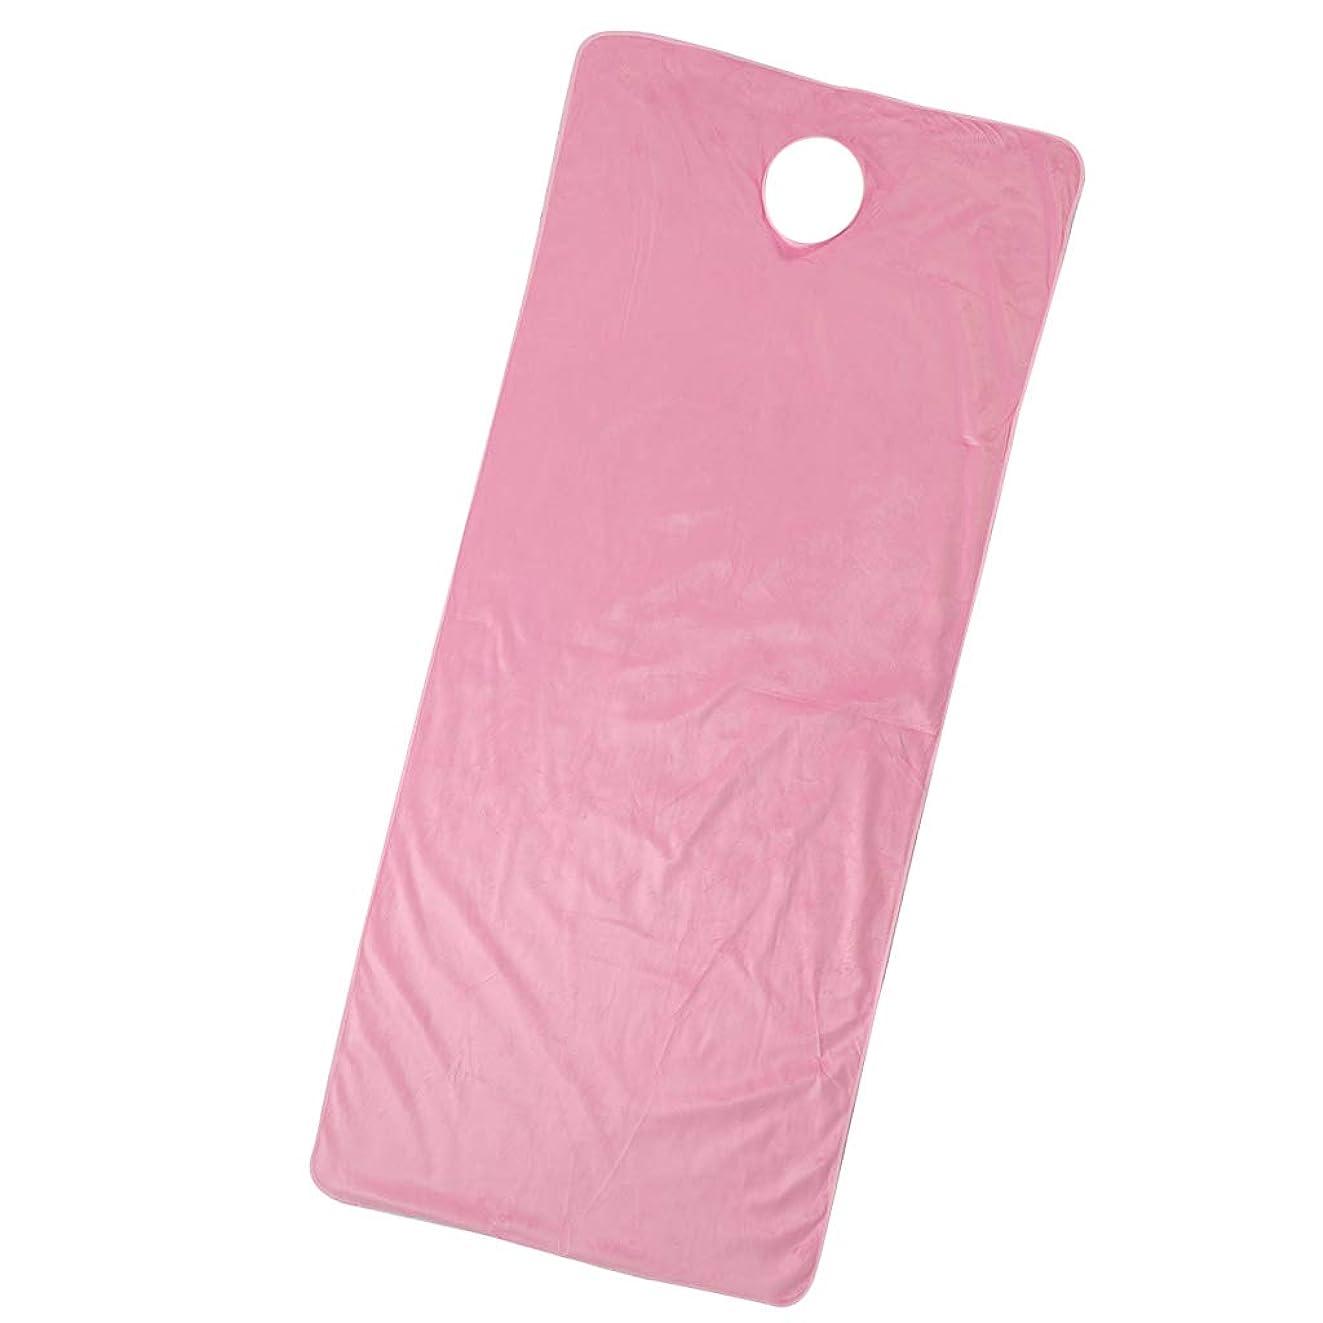 年金他に一定Fenteer スパ マッサージベッドカバー 有孔 うつぶせ 美容ベッドカバー 快適 通気性